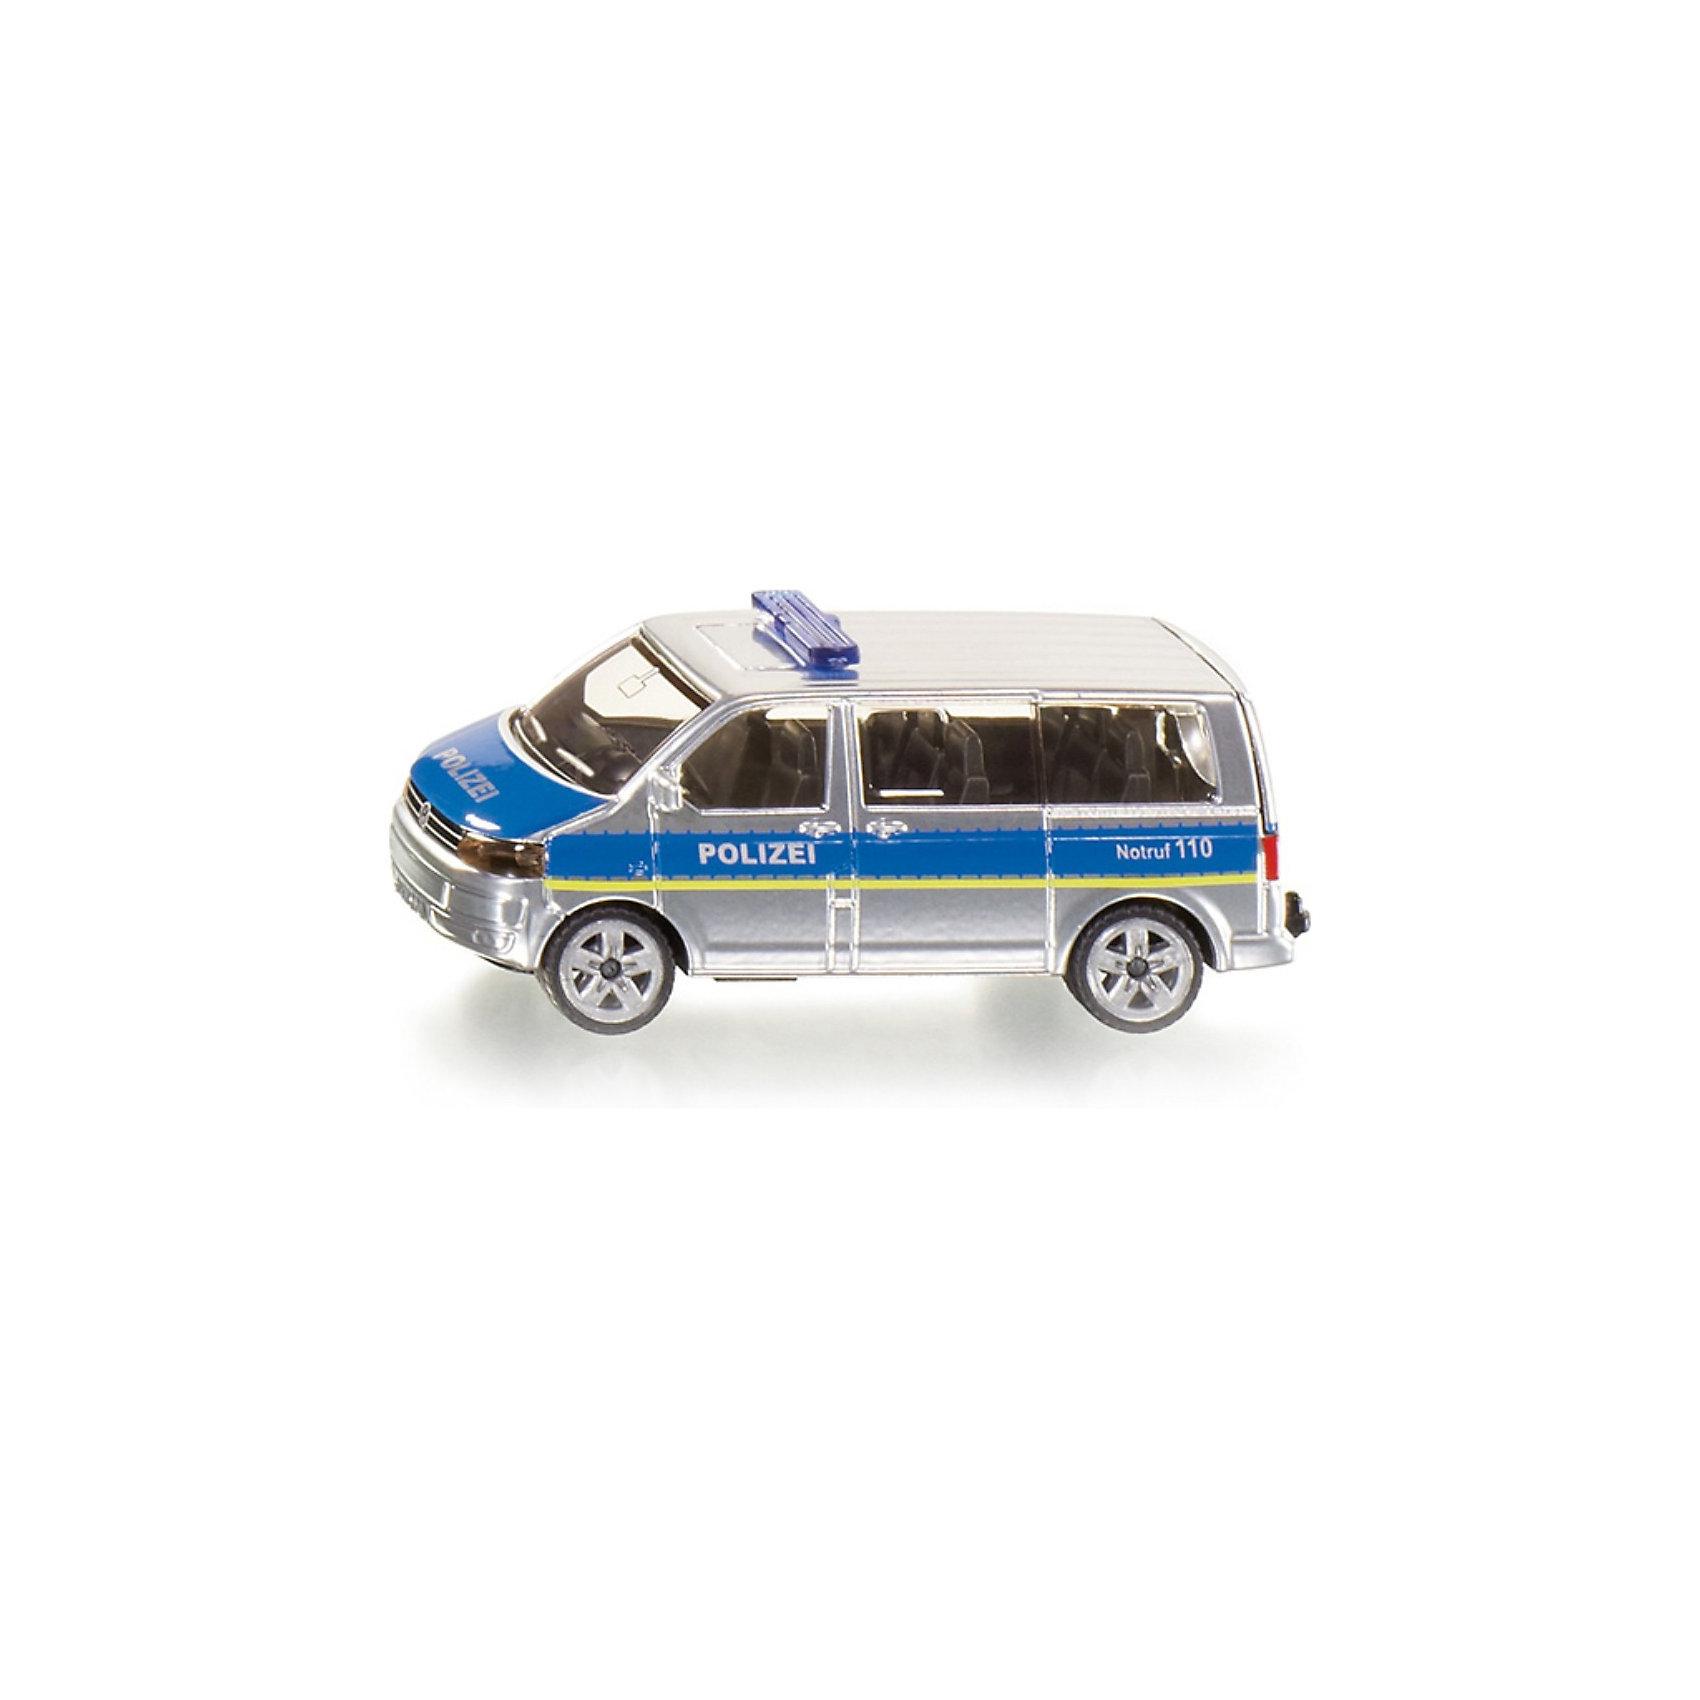 SIKU 1350 Полицейский микроавтобусМодель SIKU (СИКУ) 1350 Полицейского микроавтобуса выполнена максимально точно, продумана каждая деталь. <br><br>Игрушечная модель полицейский микроавтобус, корпус выполнен из металла, лобовое, заднее и боковые стёкла из прозрачной тонированной пластмассы, колёса выполнены из резины и вращаются, можно катать. Автомобиль окрашен серебристой краской, по бокам голубая широкая полоса с надписью POLIZEI. На крыше установлена мигалка. Сзади имеется цепное устройство для прицепа. Сквозь пластиковых стекол можно рассмотреть крошечные детали модели. <br><br>Дополнительная информация:<br>-Материал: металл с элементами пластмассы<br>-Размер игрушки: 7,5 x 3,0 x 3,6 см<br><br>Полицейская машинка понравится любому мальчику, а удобная форма и размер машины позволит взять игрушку полностью в руку, что поможет тренировать координацию движения и мелкую моторику.<br><br>SIKU (СИКУ) 1350 Полицейский микроавтобус можно купить в нашем магазине.<br><br>Ширина мм: 96<br>Глубина мм: 78<br>Высота мм: 38<br>Вес г: 61<br>Возраст от месяцев: 36<br>Возраст до месяцев: 96<br>Пол: Мужской<br>Возраст: Детский<br>SKU: 1503788